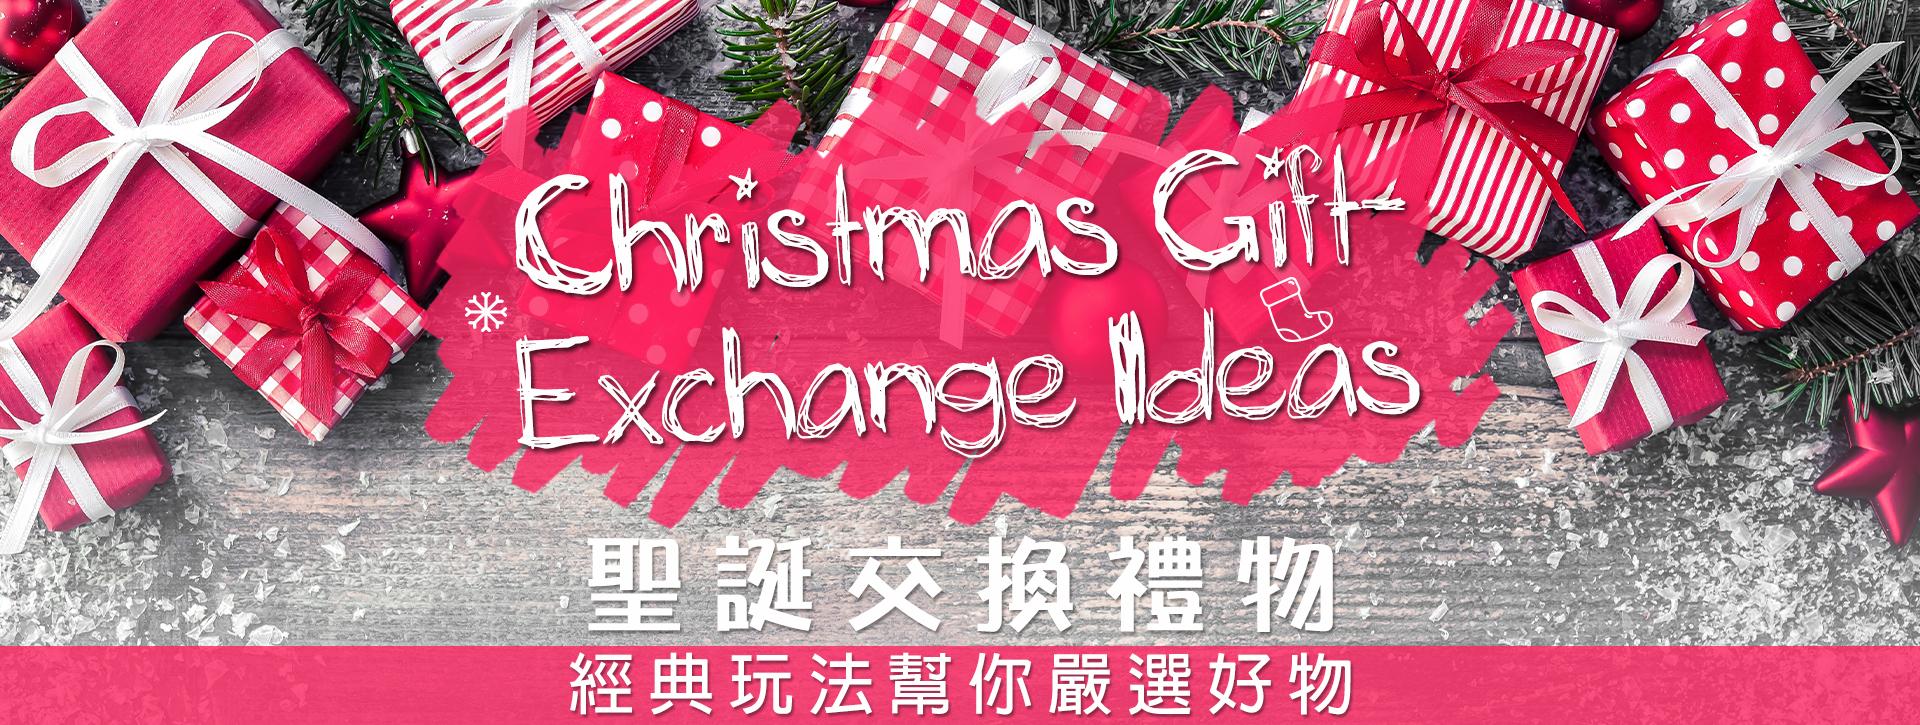 交換禮物,聖誕節,聖誕交換禮物,禮物